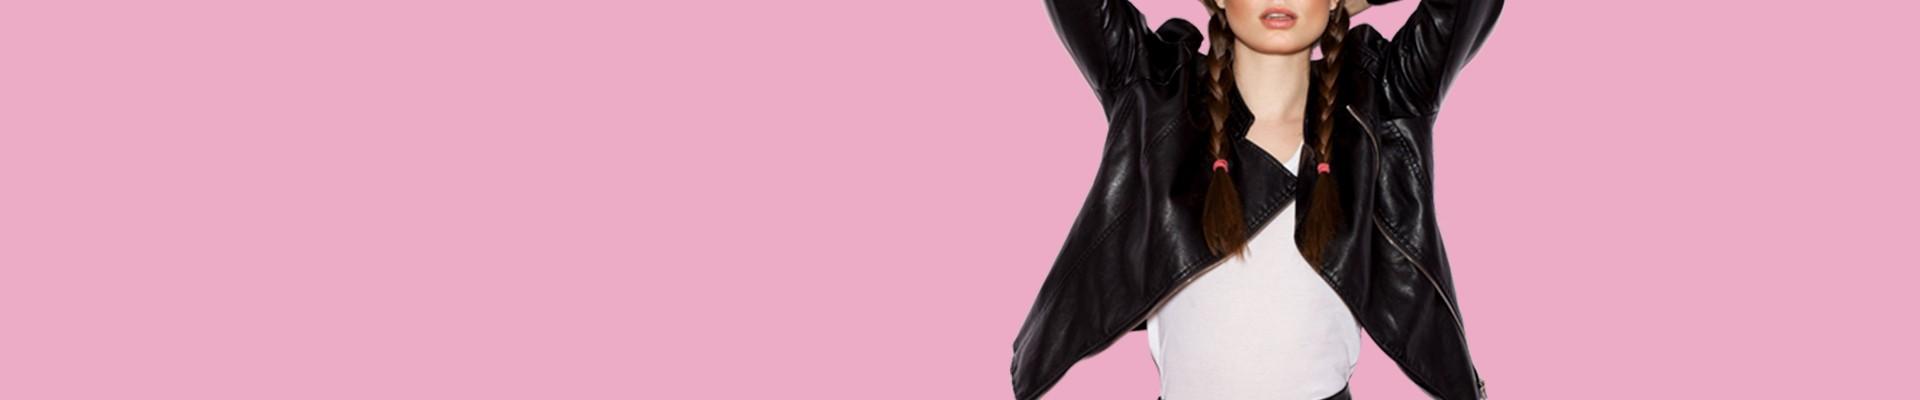 Jual Jacket Wanita Wanita Modis - Model Terbaru Online